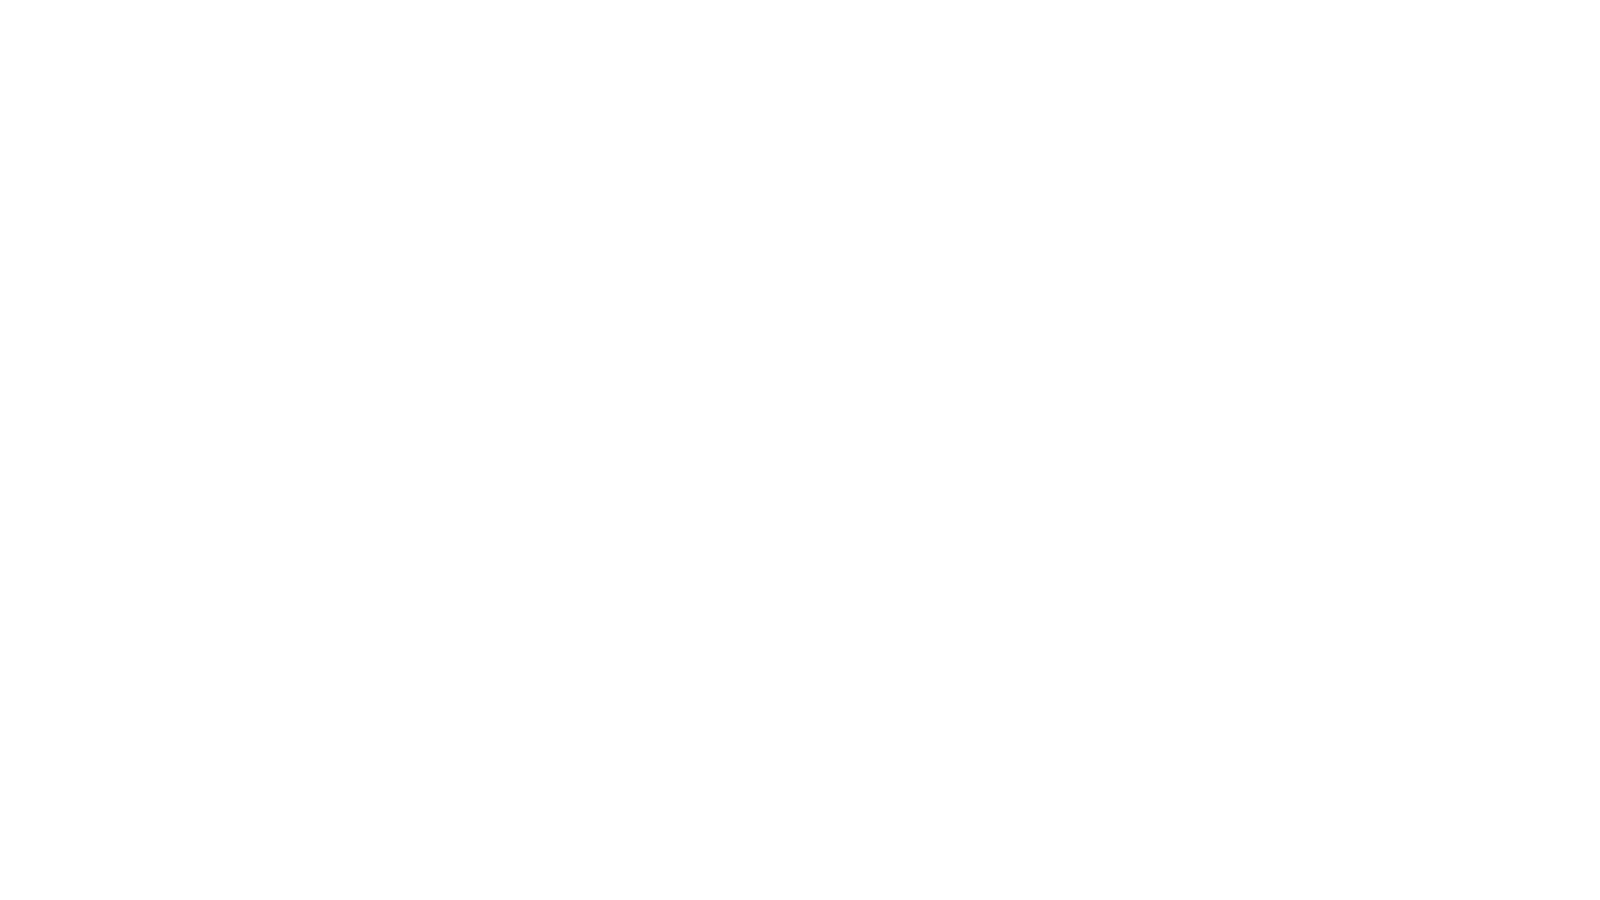 """Per il quinto appuntamento della rassegna """"Il Lettore Racconta"""" abbiamo il piacere di dialogare con un altro ospite che, oltre a leggere, ama molto anche scrivere. Siamo infatti in compagnia di Andrea Pase, noto geografo atestino che ha pubblicato lo scorso autunno il suo primo libro """"Geografly: la mosca e la mappa"""", un breve ma approfondito percorso letterario e visivo che analizza ciò che hanno in comune il più impuro degli insetti e la più elegante rappresentazioni della geografia terrestre, un saggio che ha entusiasmato molti altri lettori che continuano ancora oggi a condividere le loro personali """"mosche"""" sul sito dalla casa editrice padovana Edizioni Bette.  Tutti gli incontri si svolgono a porte chiuse, in ambiente sanitizzato e nel rispetto delle norme di sicurezza.  Continuate a seguirci su: https://www.facebook.com/libreriagregorianaestense https://www.instagram.com/libreriagregorianaestense/ https://www.libreriagregorianaestense.com"""